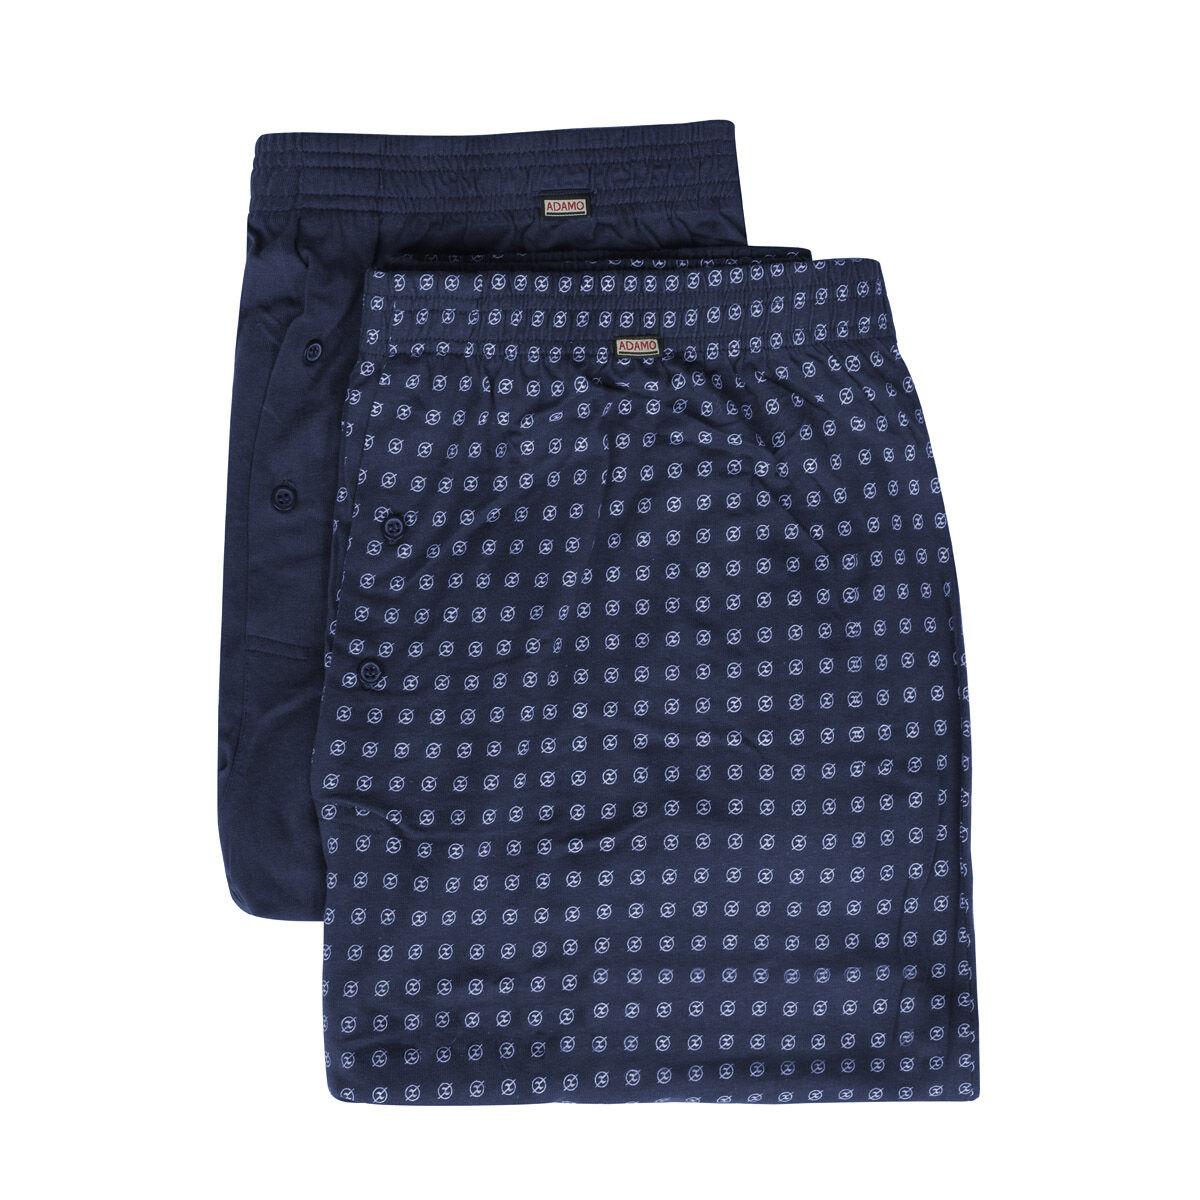 Adamo Lot de 2 caleçons Adamo grande taille Bleu en coton;